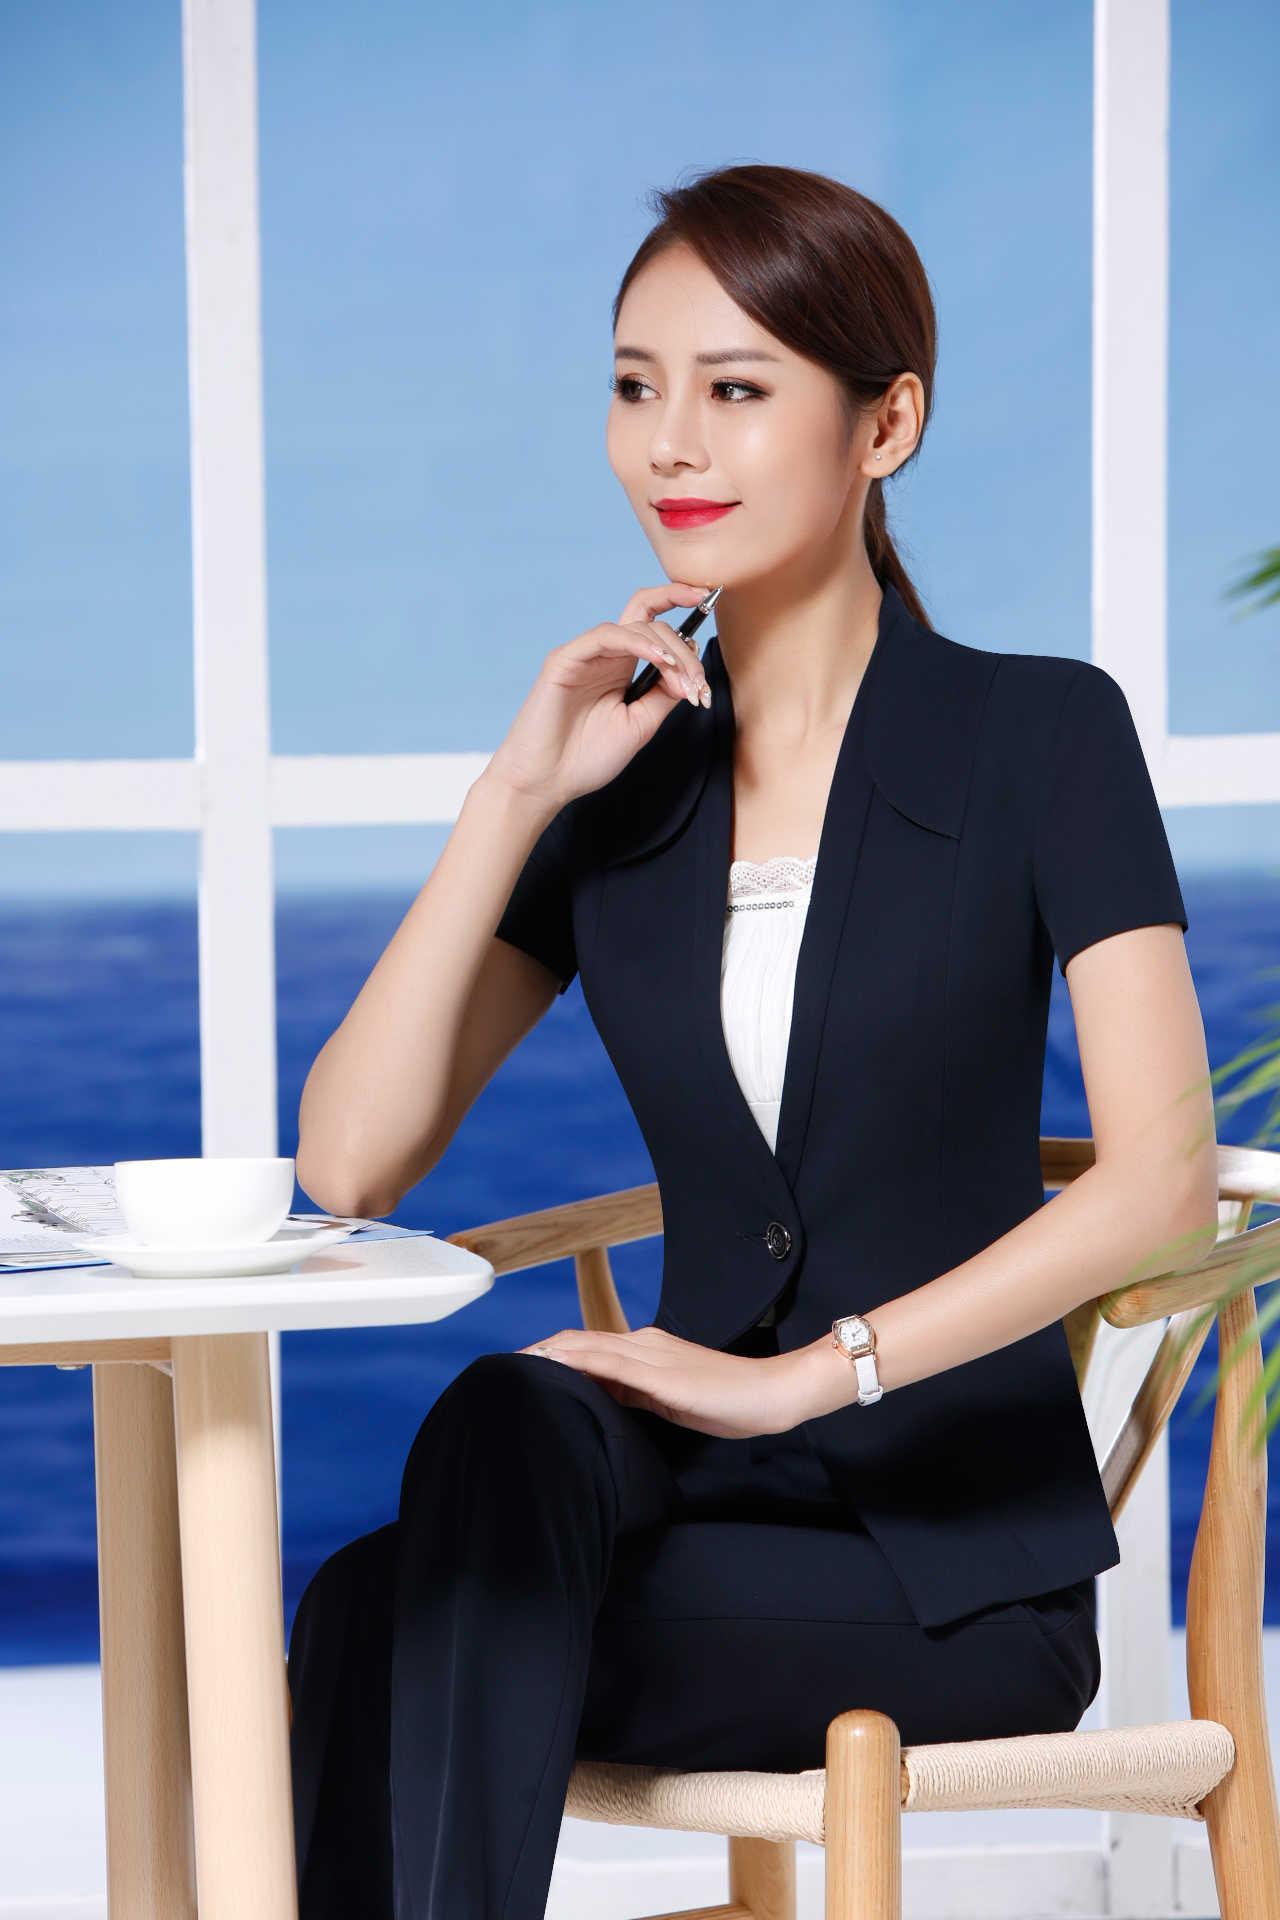 外配黑色开衫,下身灰色裙子上印有独特花纹,显得活泼可爱.